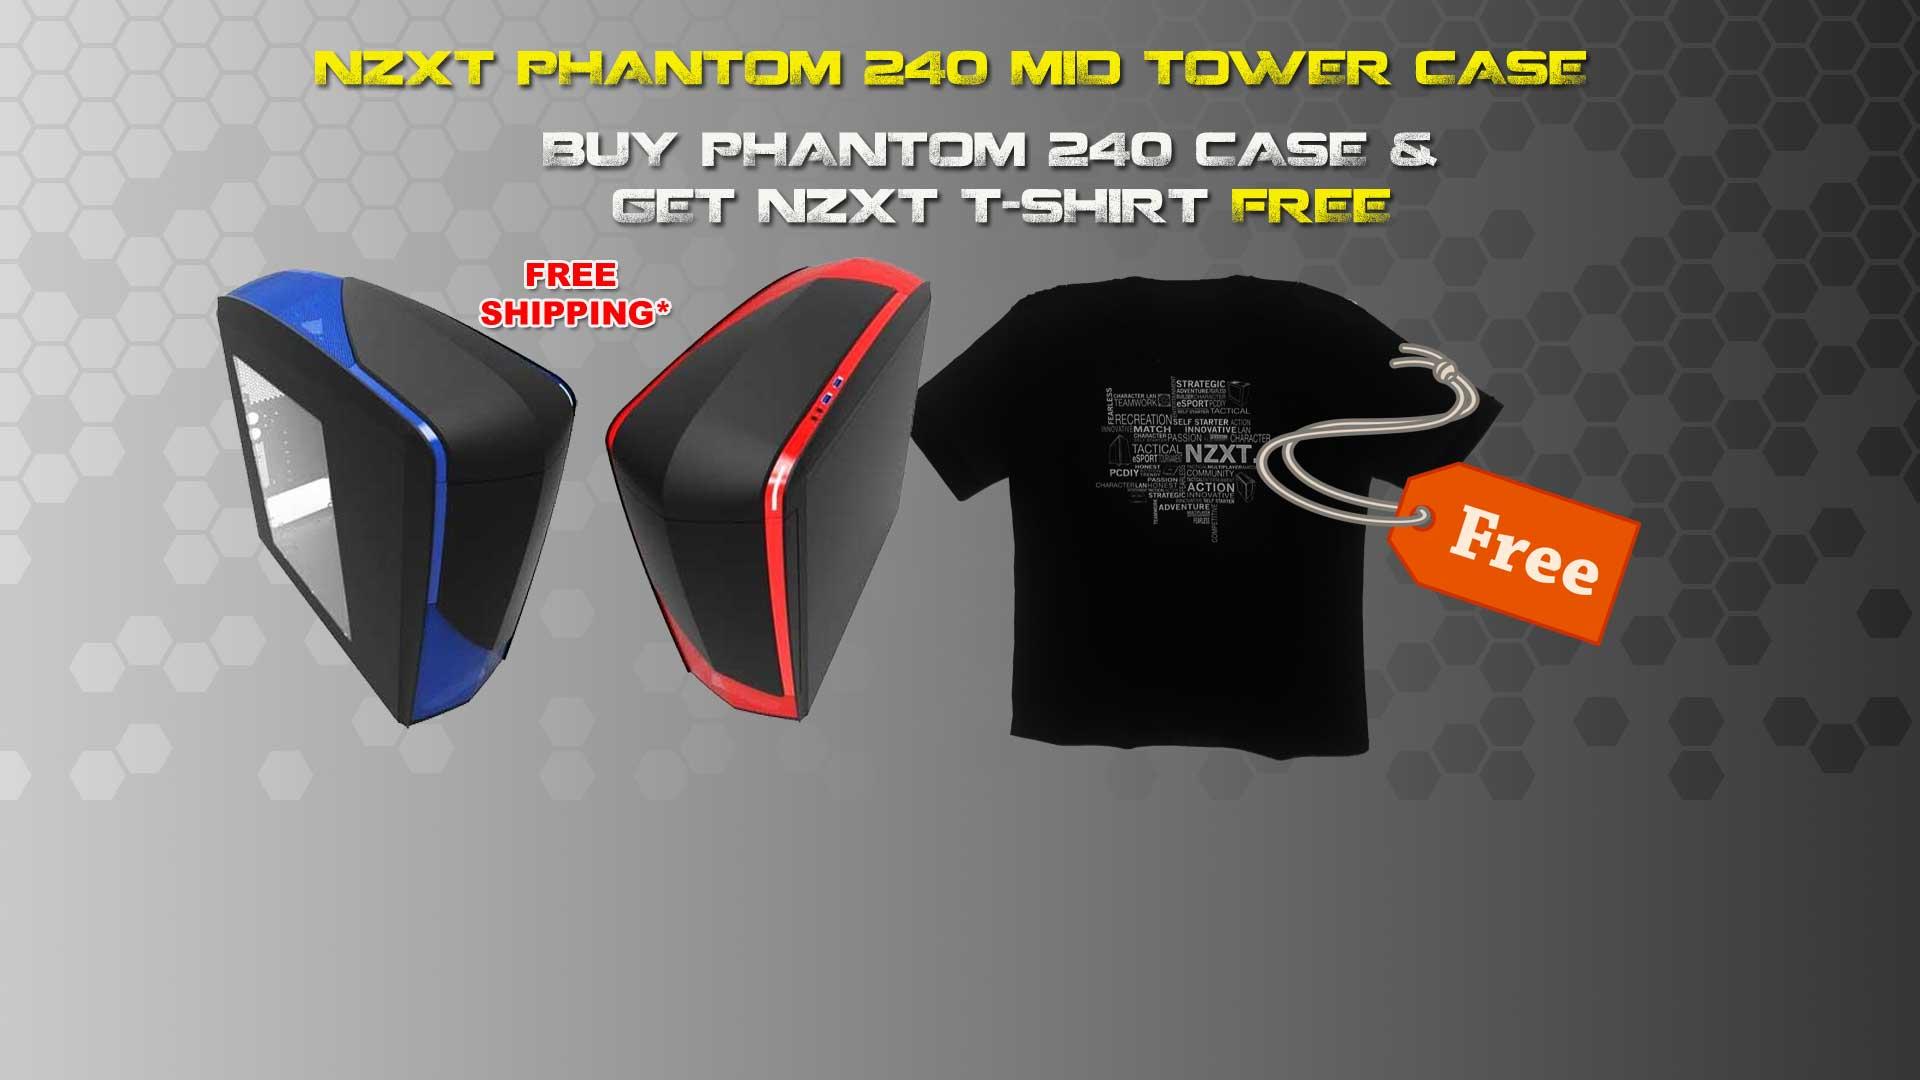 nzxt-free-tshirt